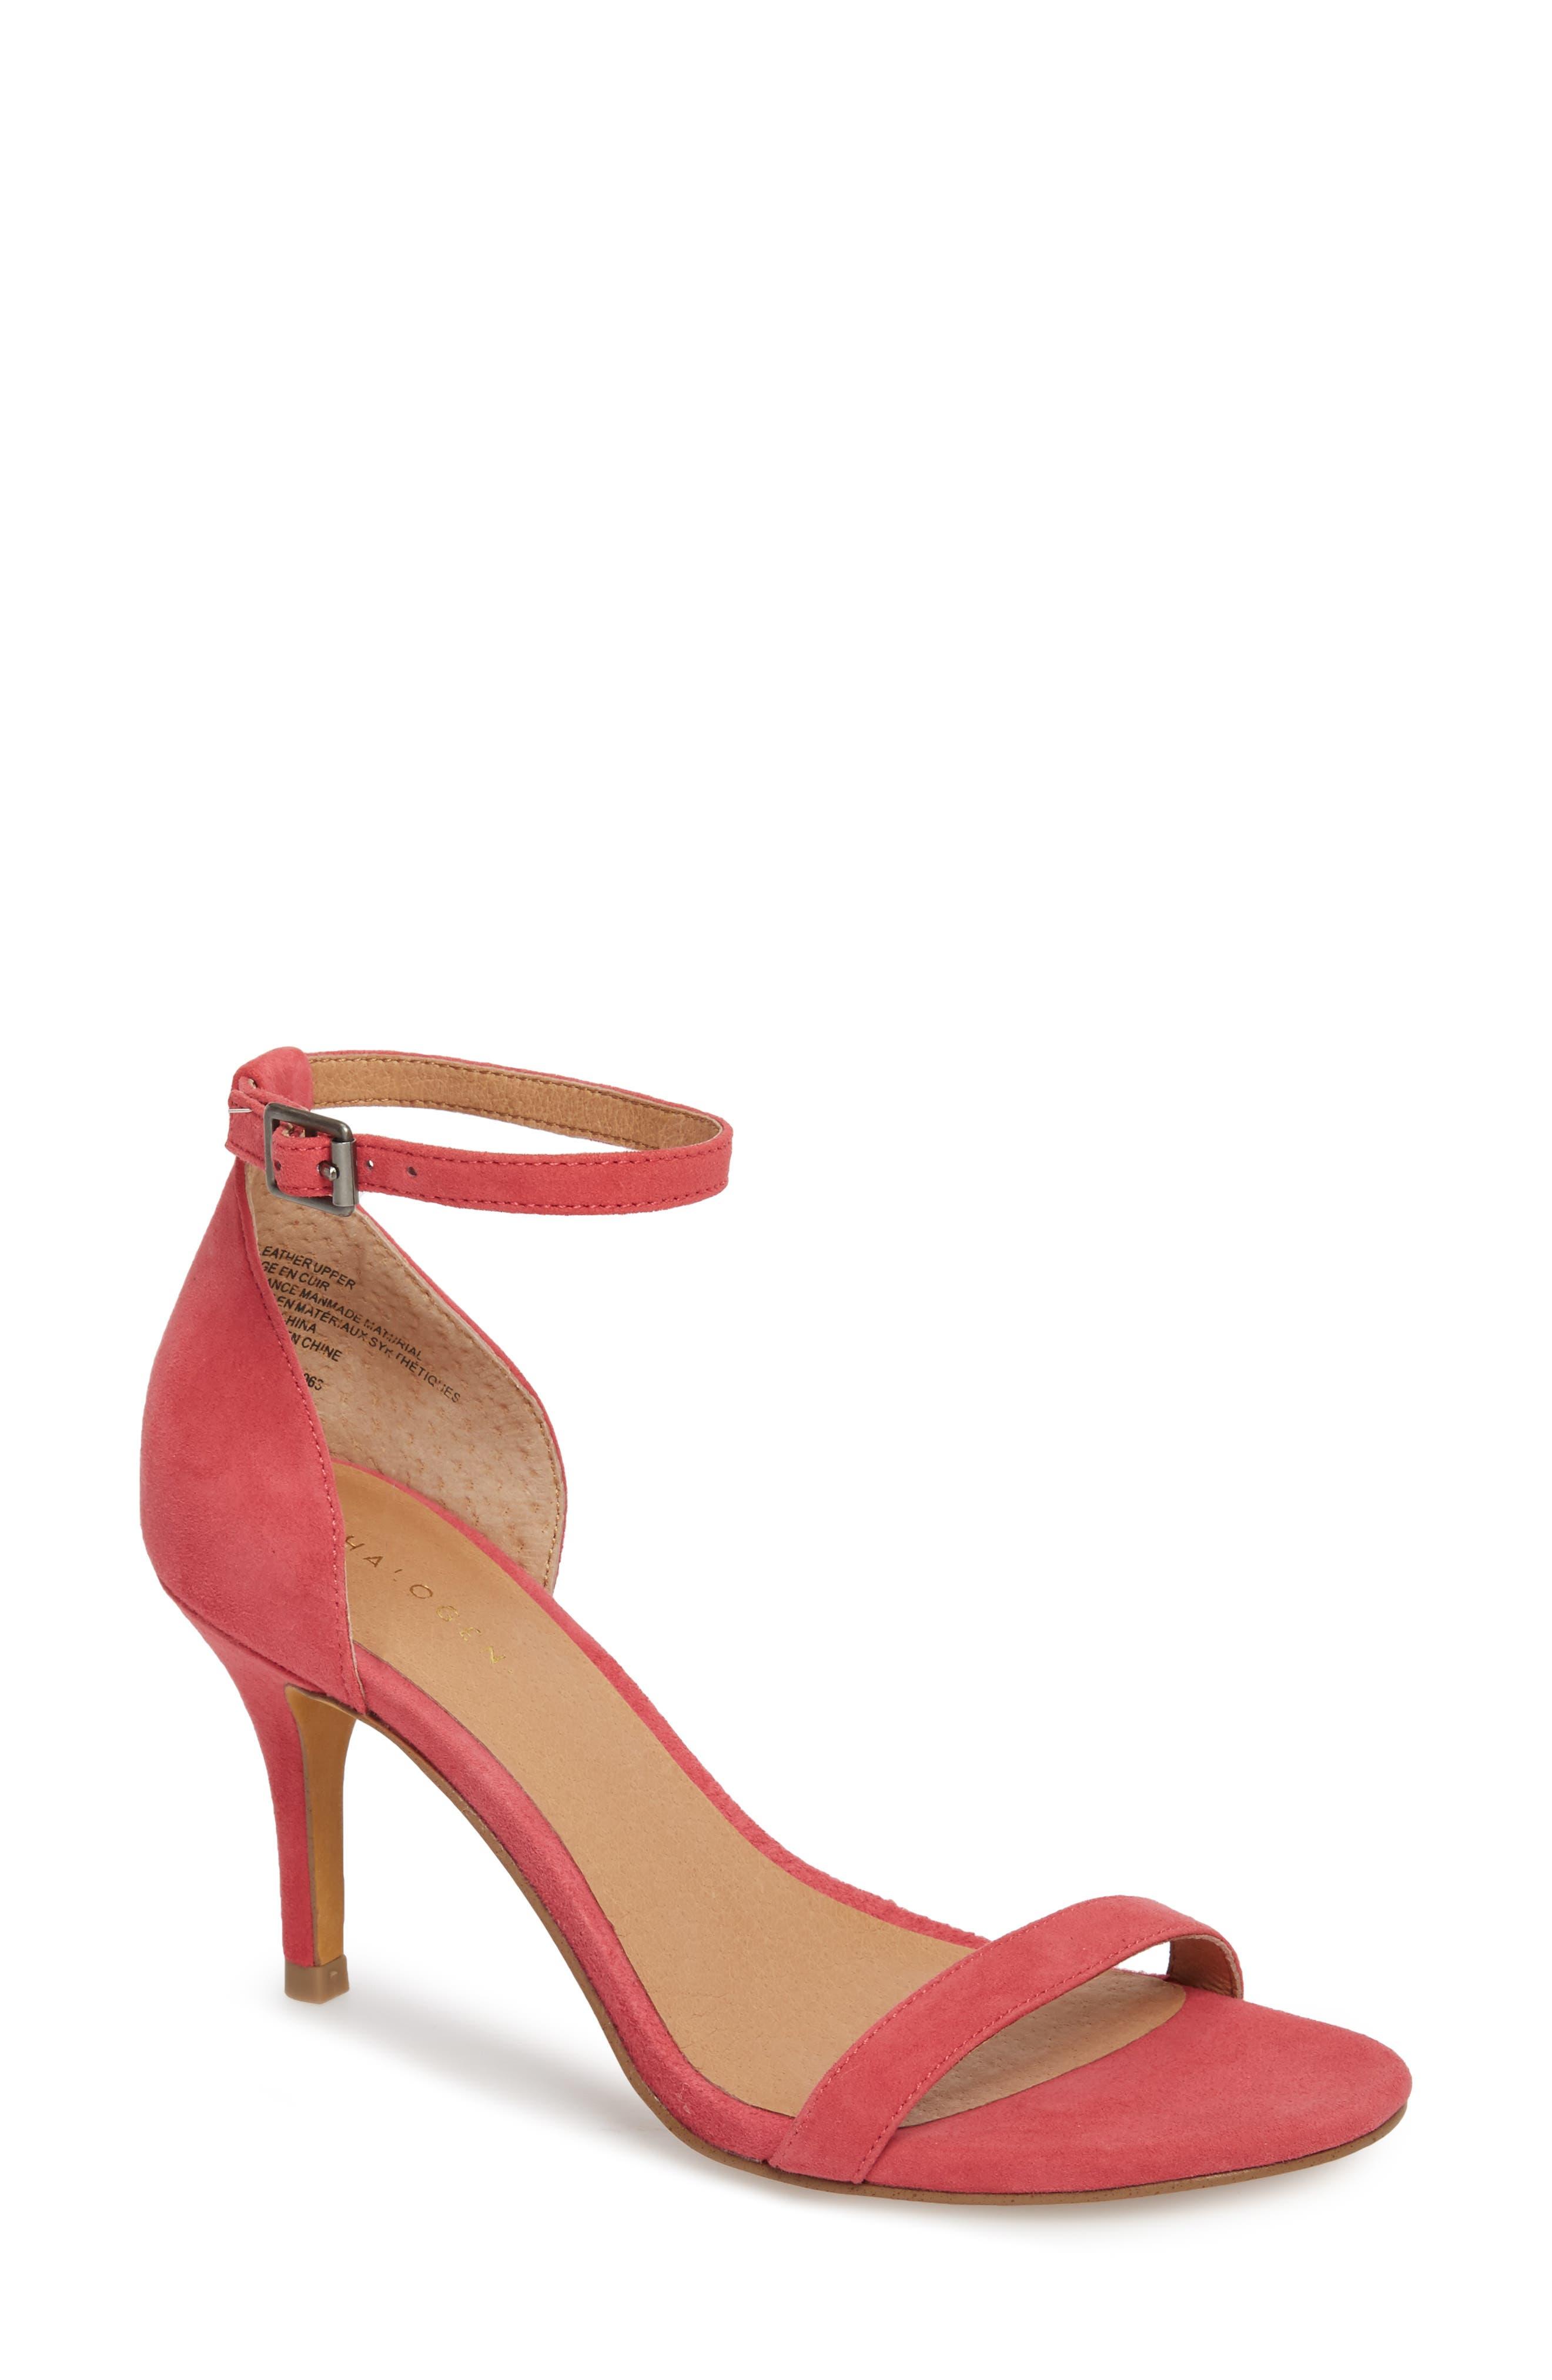 Audrey Ankle Strap Sandal,                             Main thumbnail 16, color,